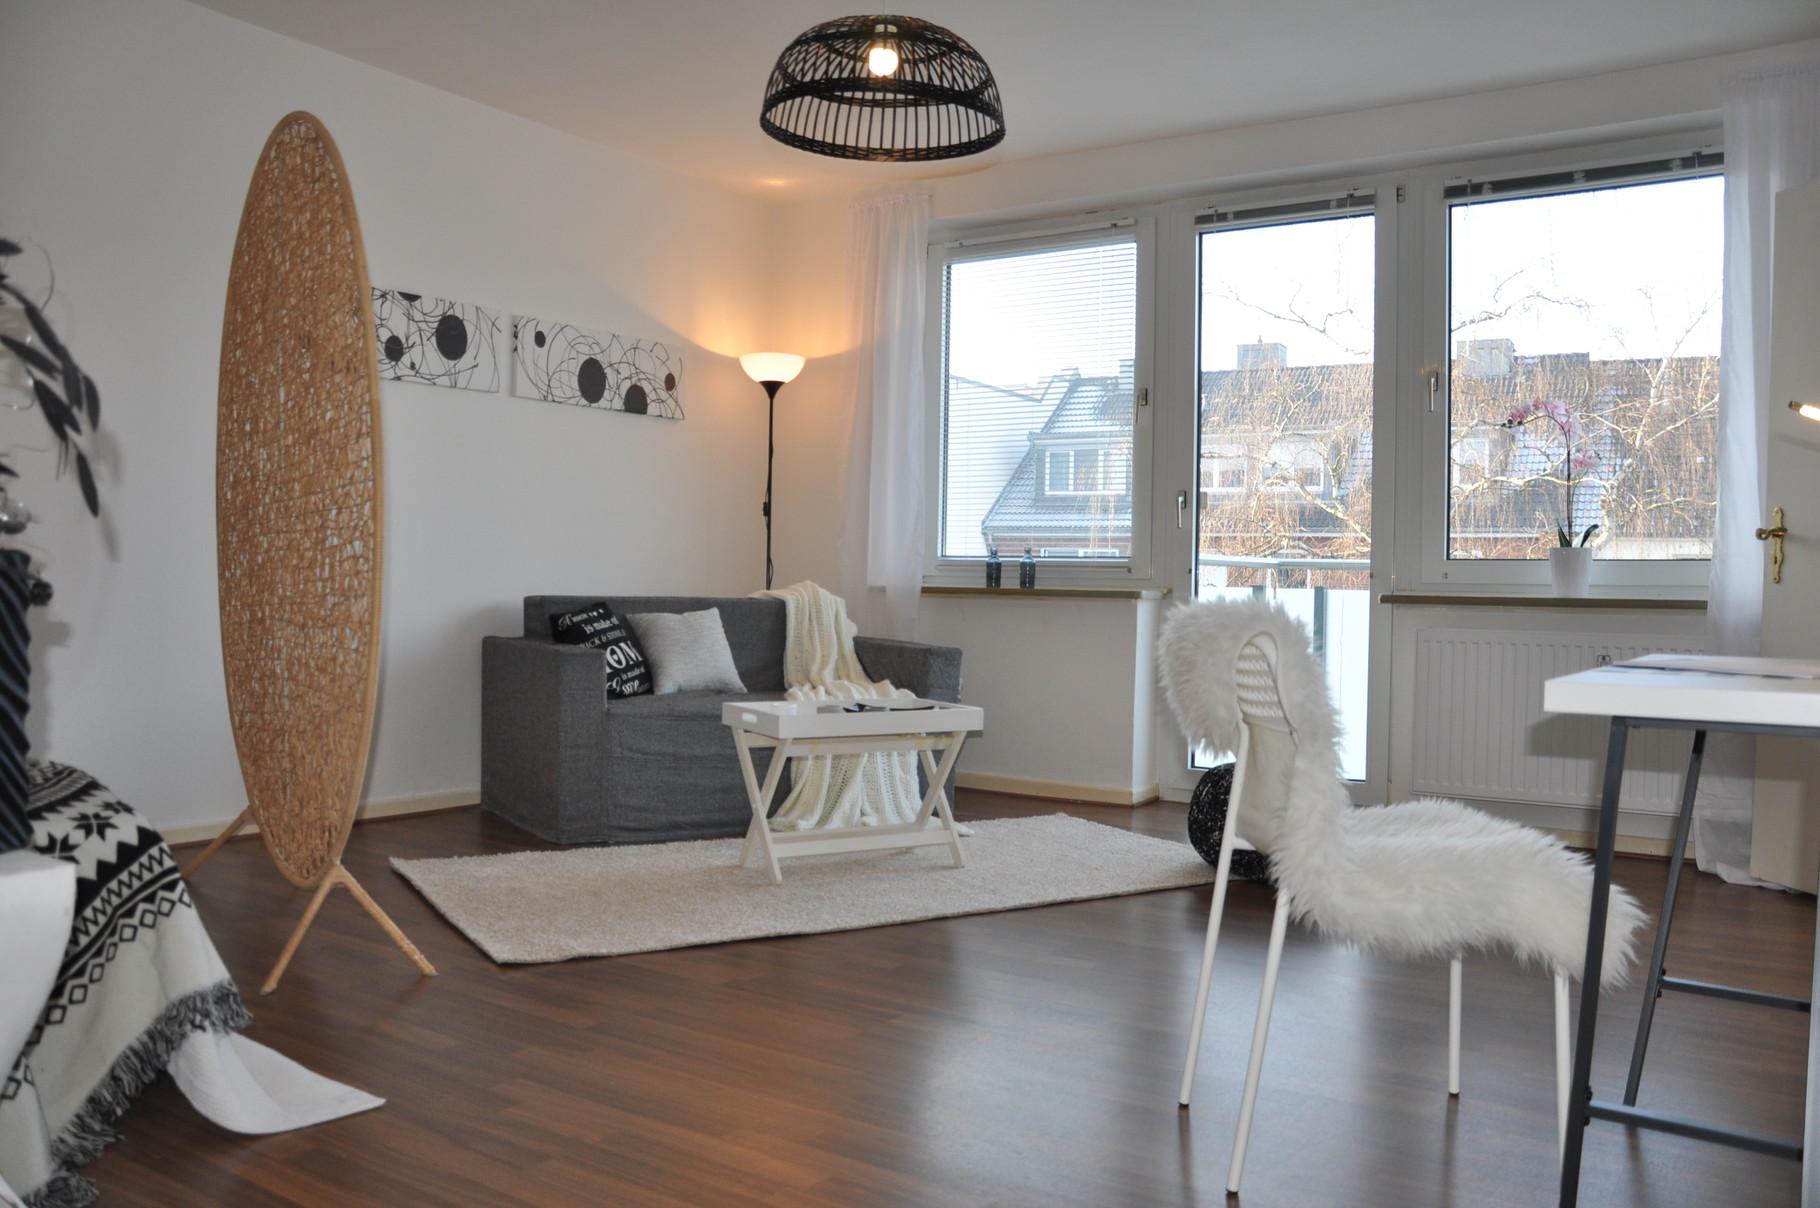 Optimmo Home Staging - Wohnbereich nachher